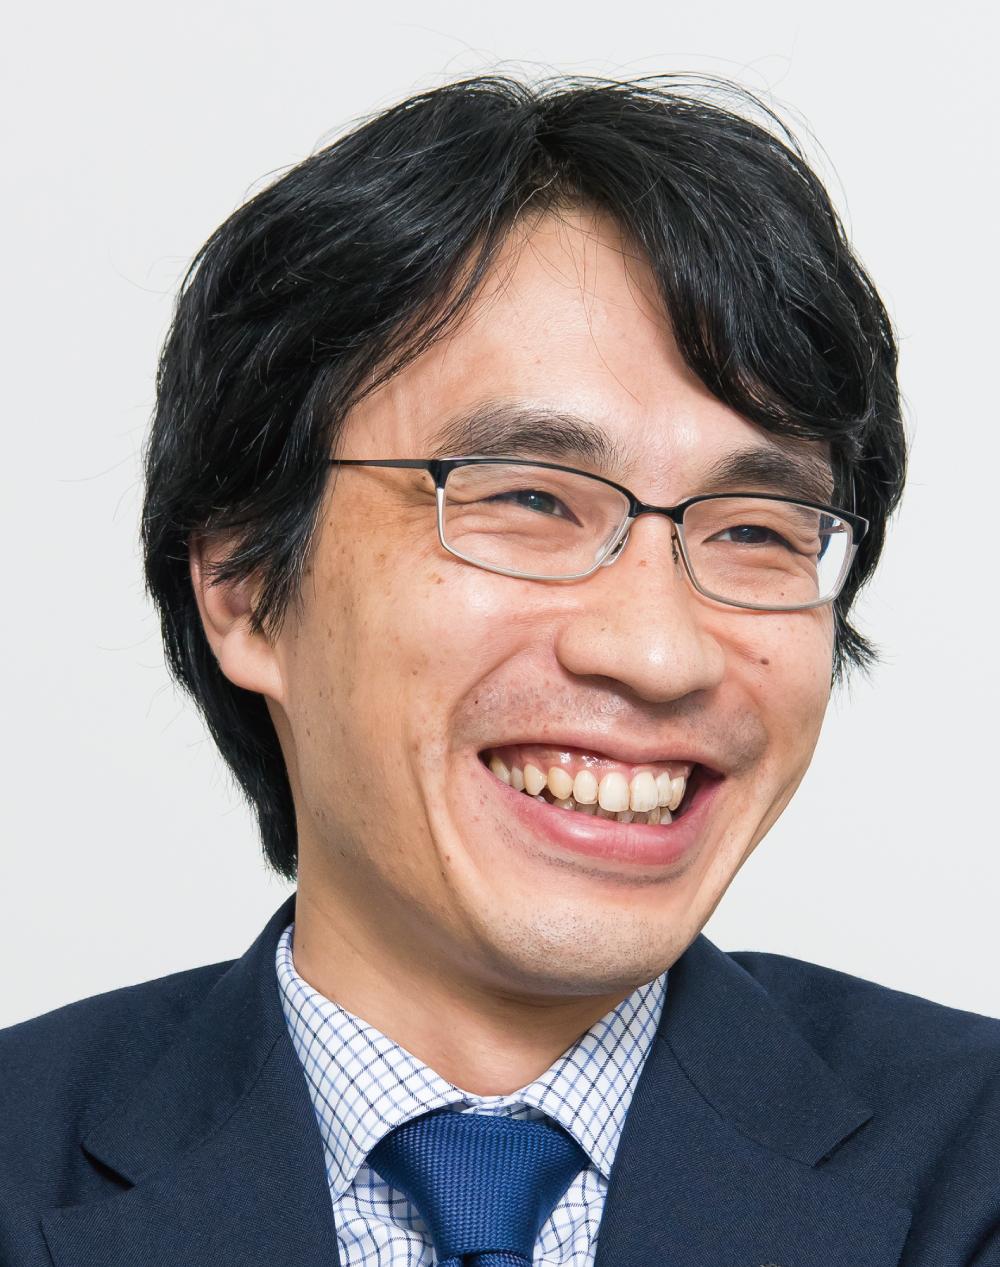 石井 亮弁護士